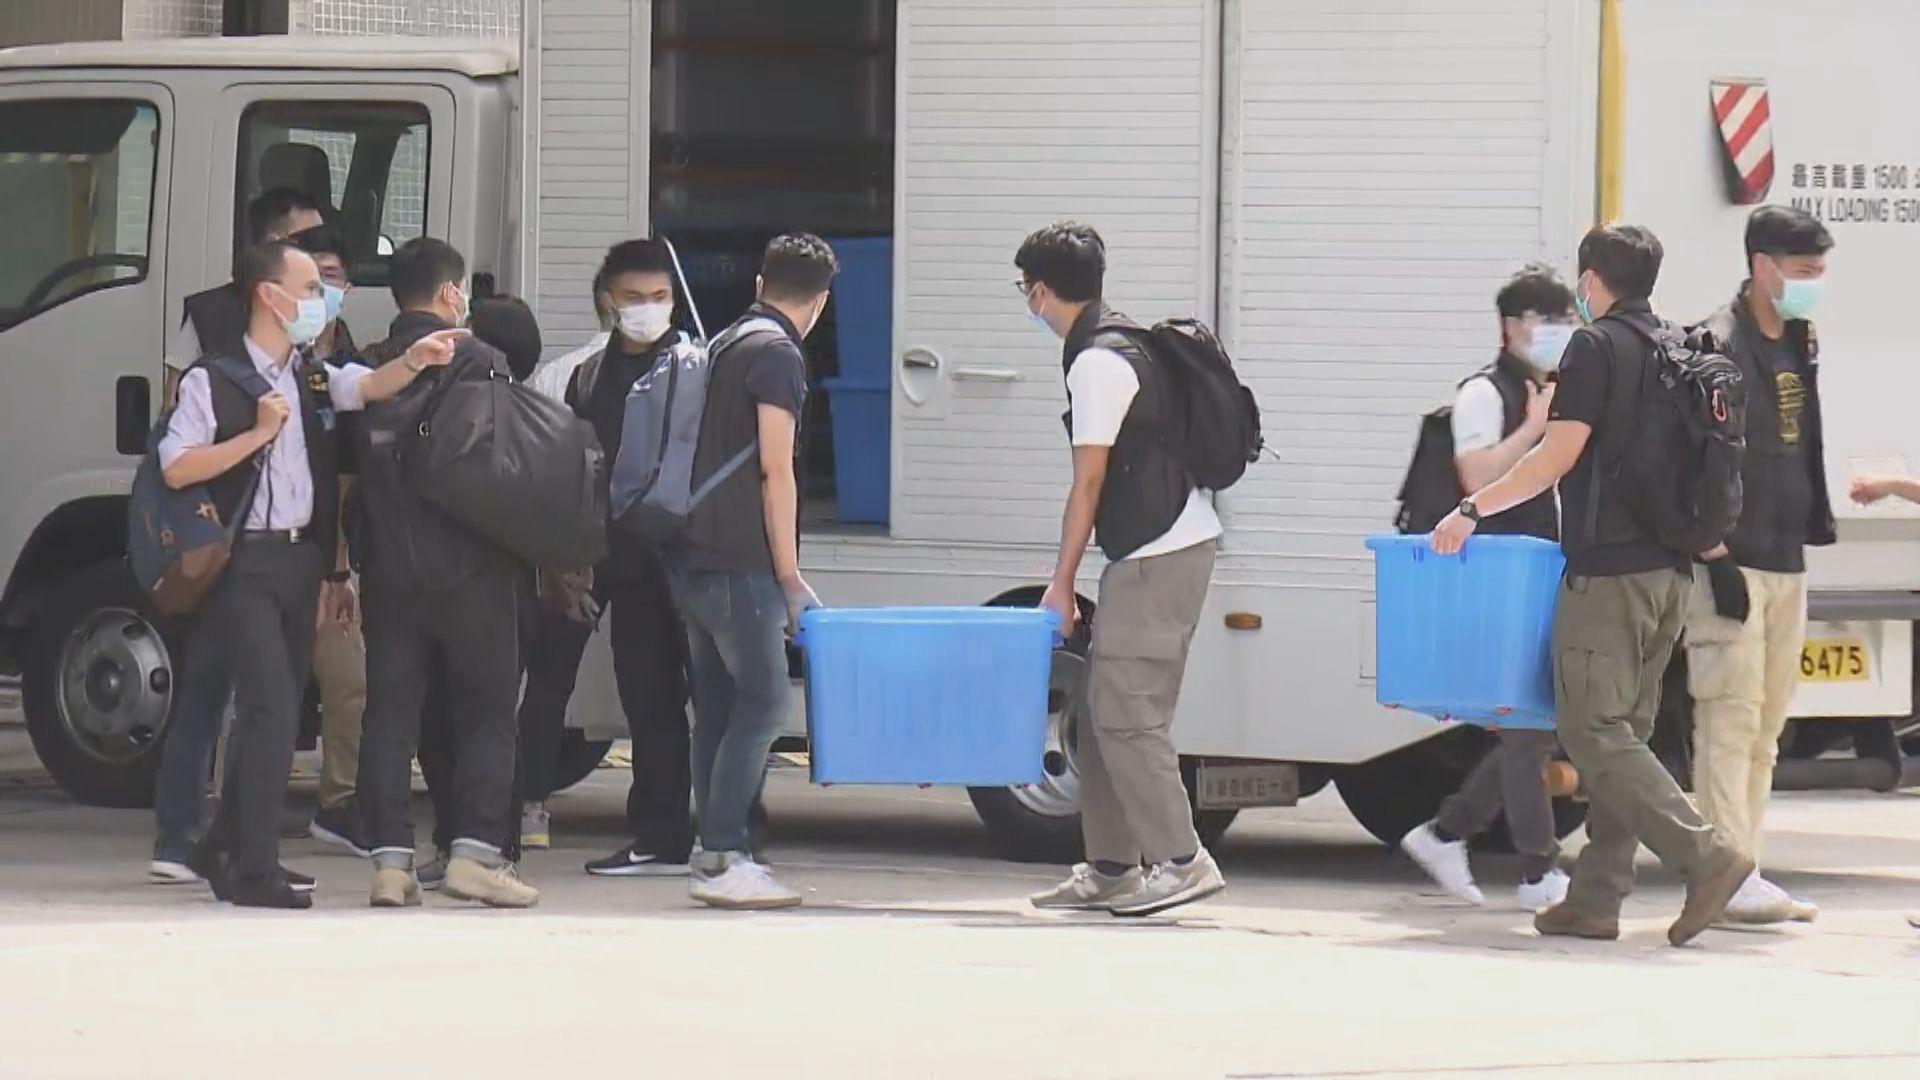 警方查封壹傳媒及搜證歷時九小時 共搬走25箱證物